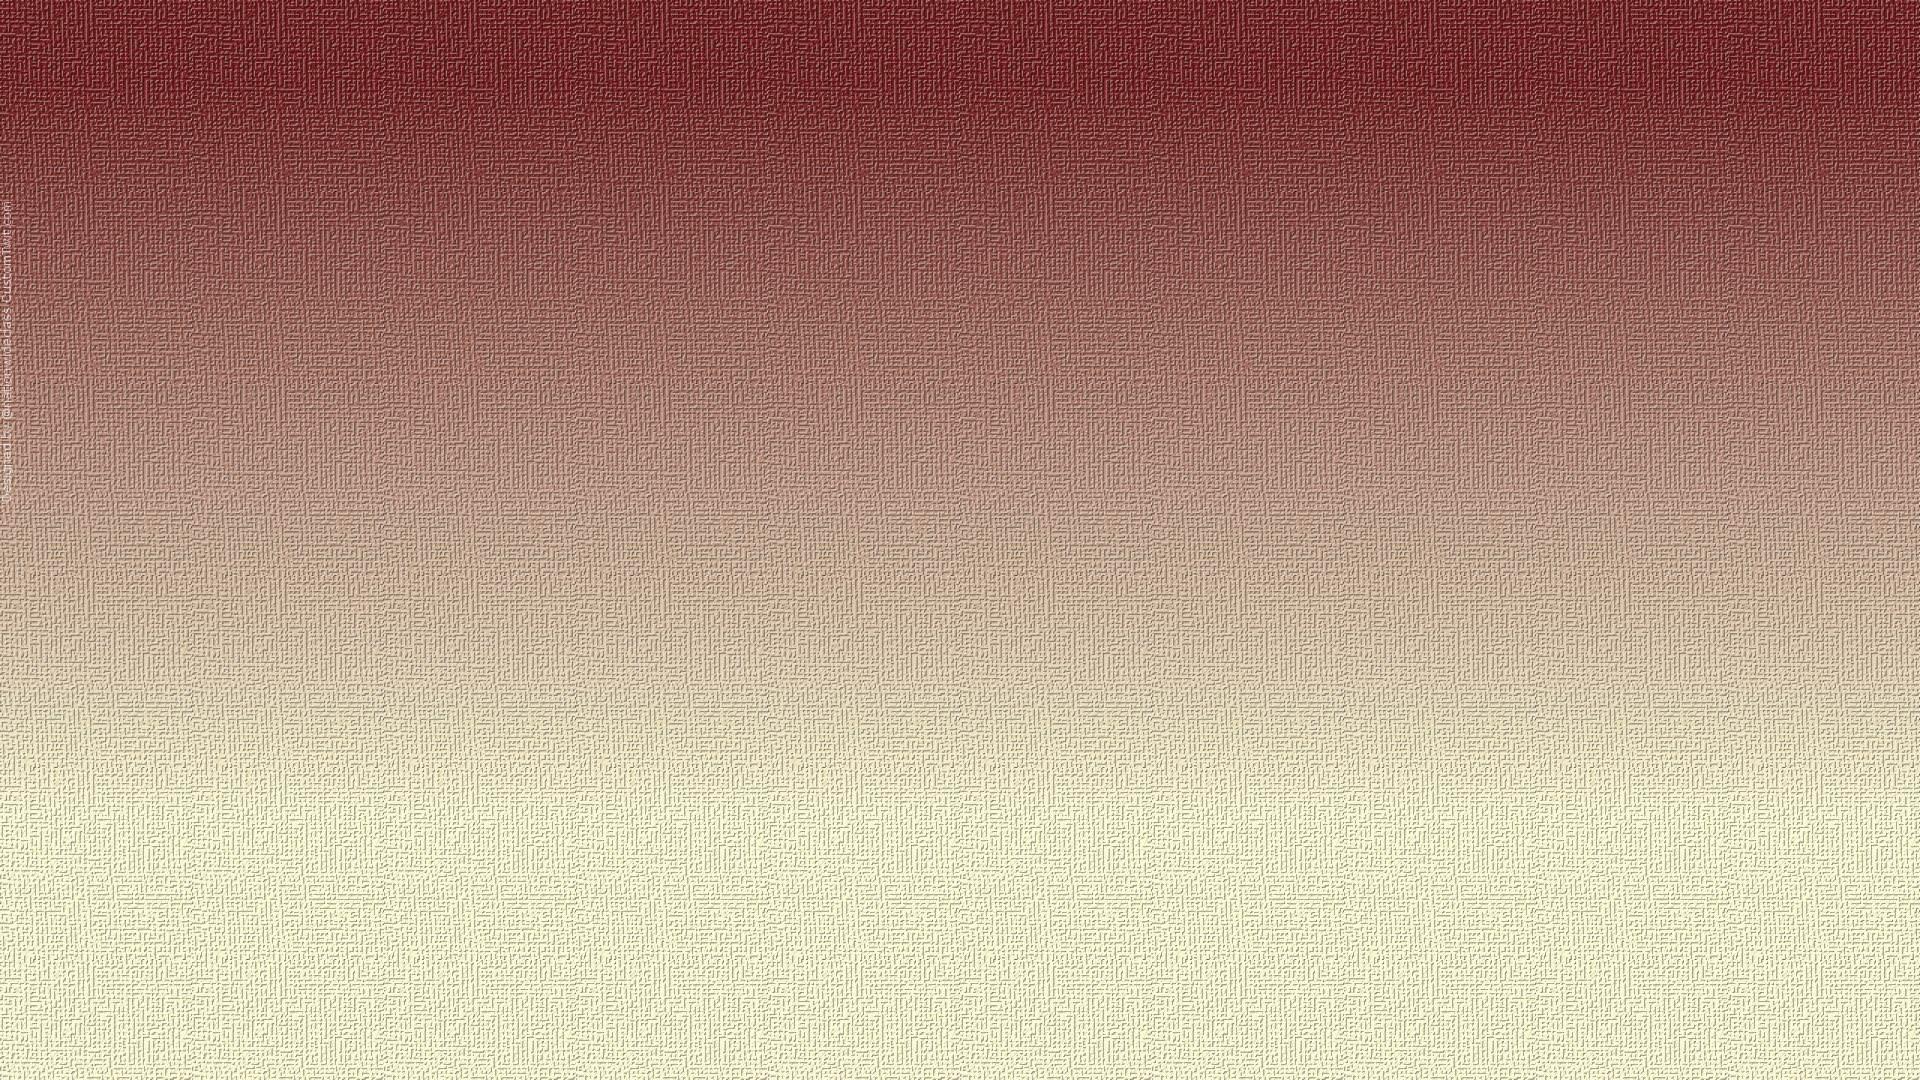 Gradient Background Textures